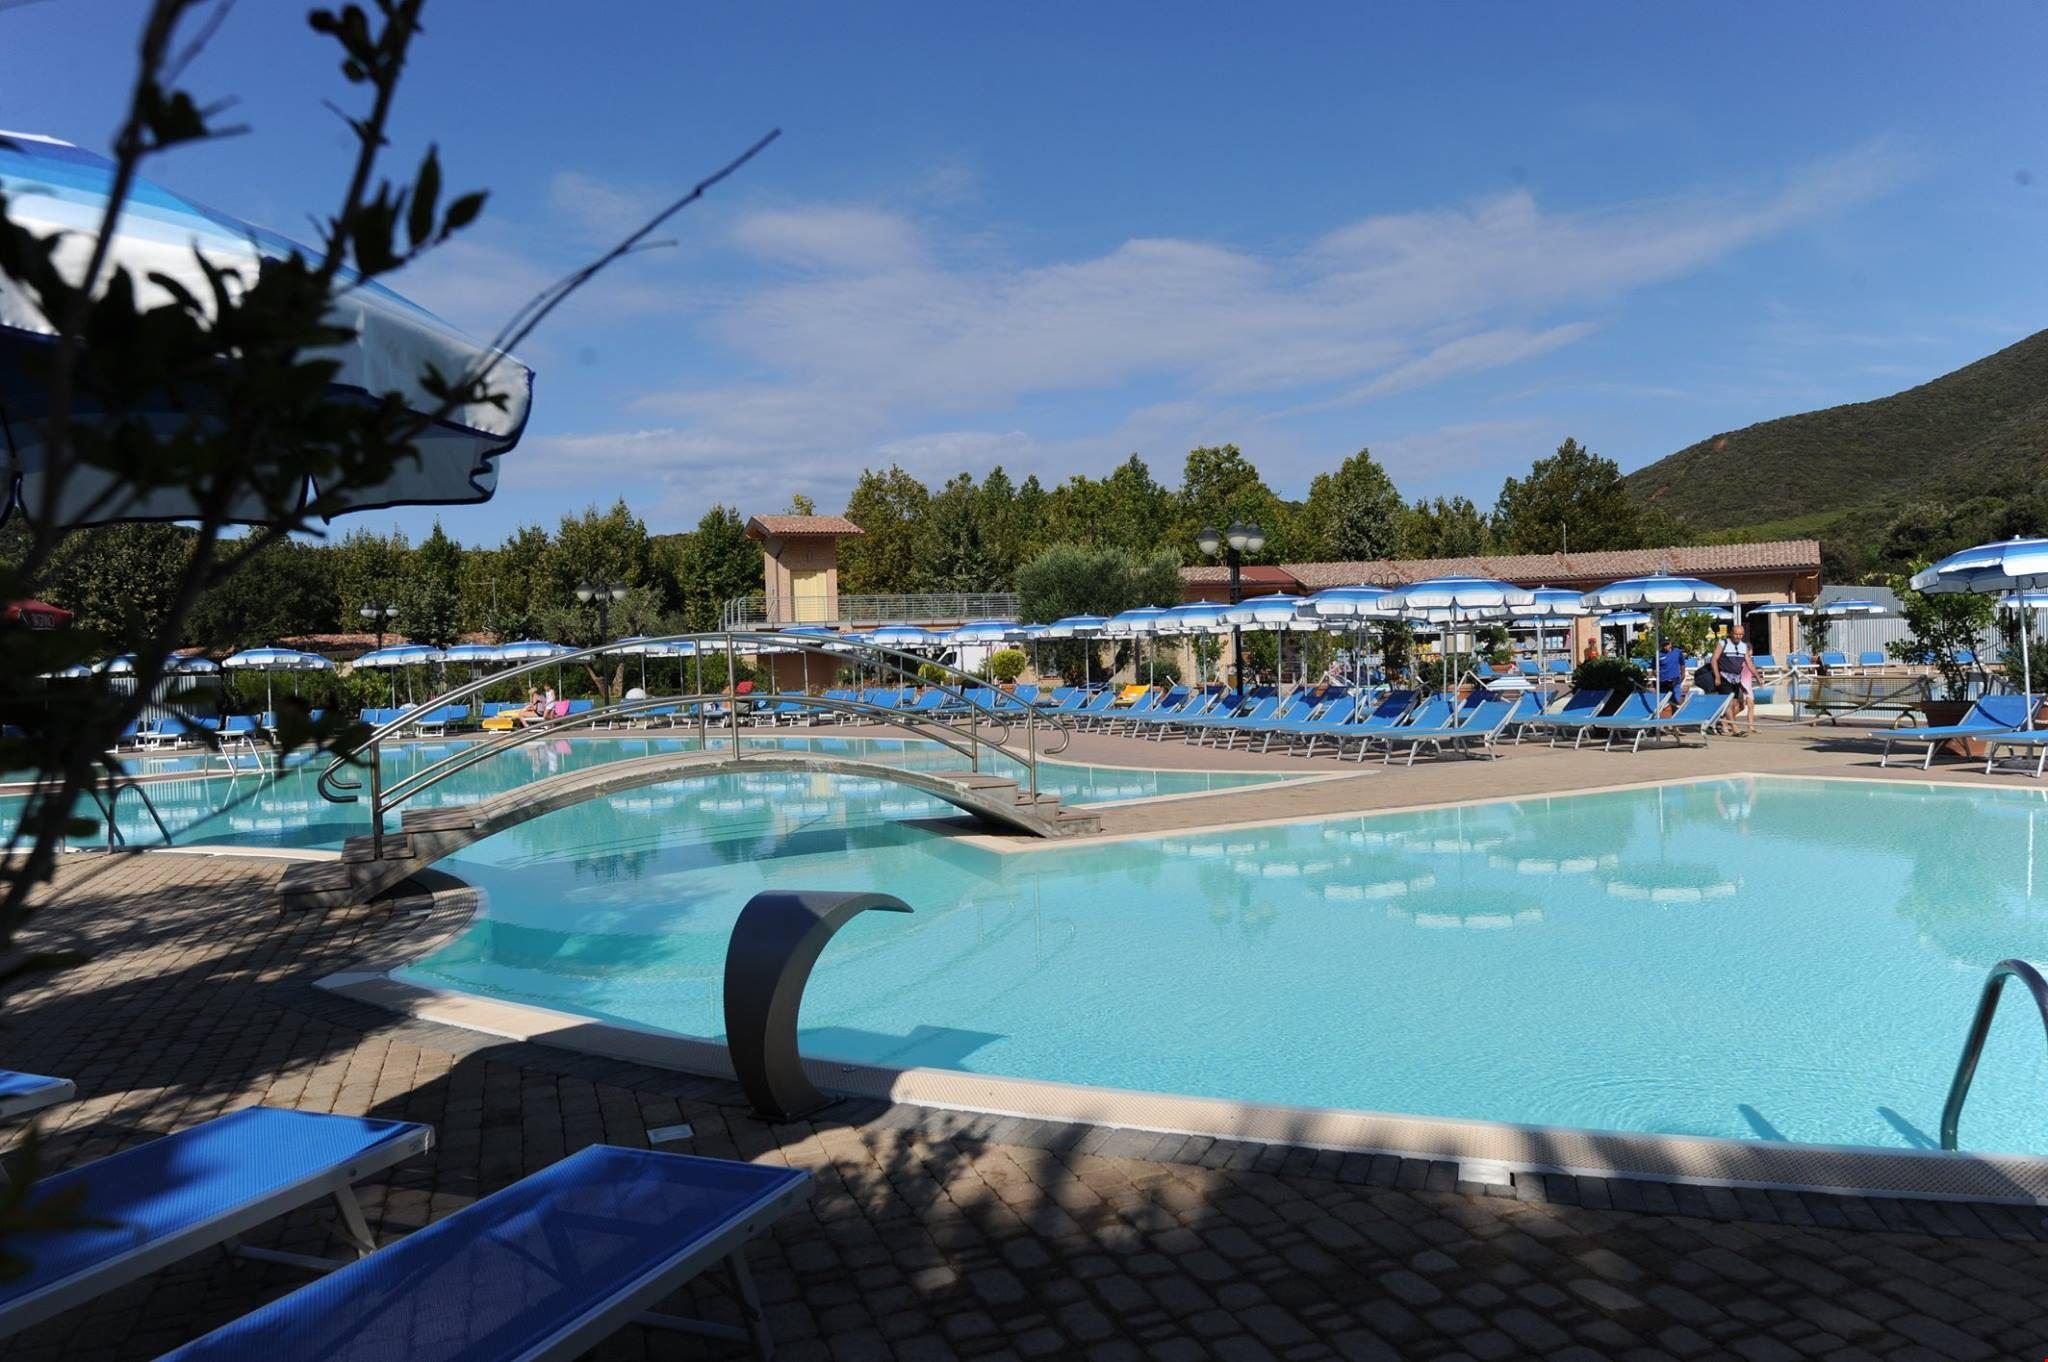 Camping Village con Piscina a Castiglione della Pescaia, Grosseto